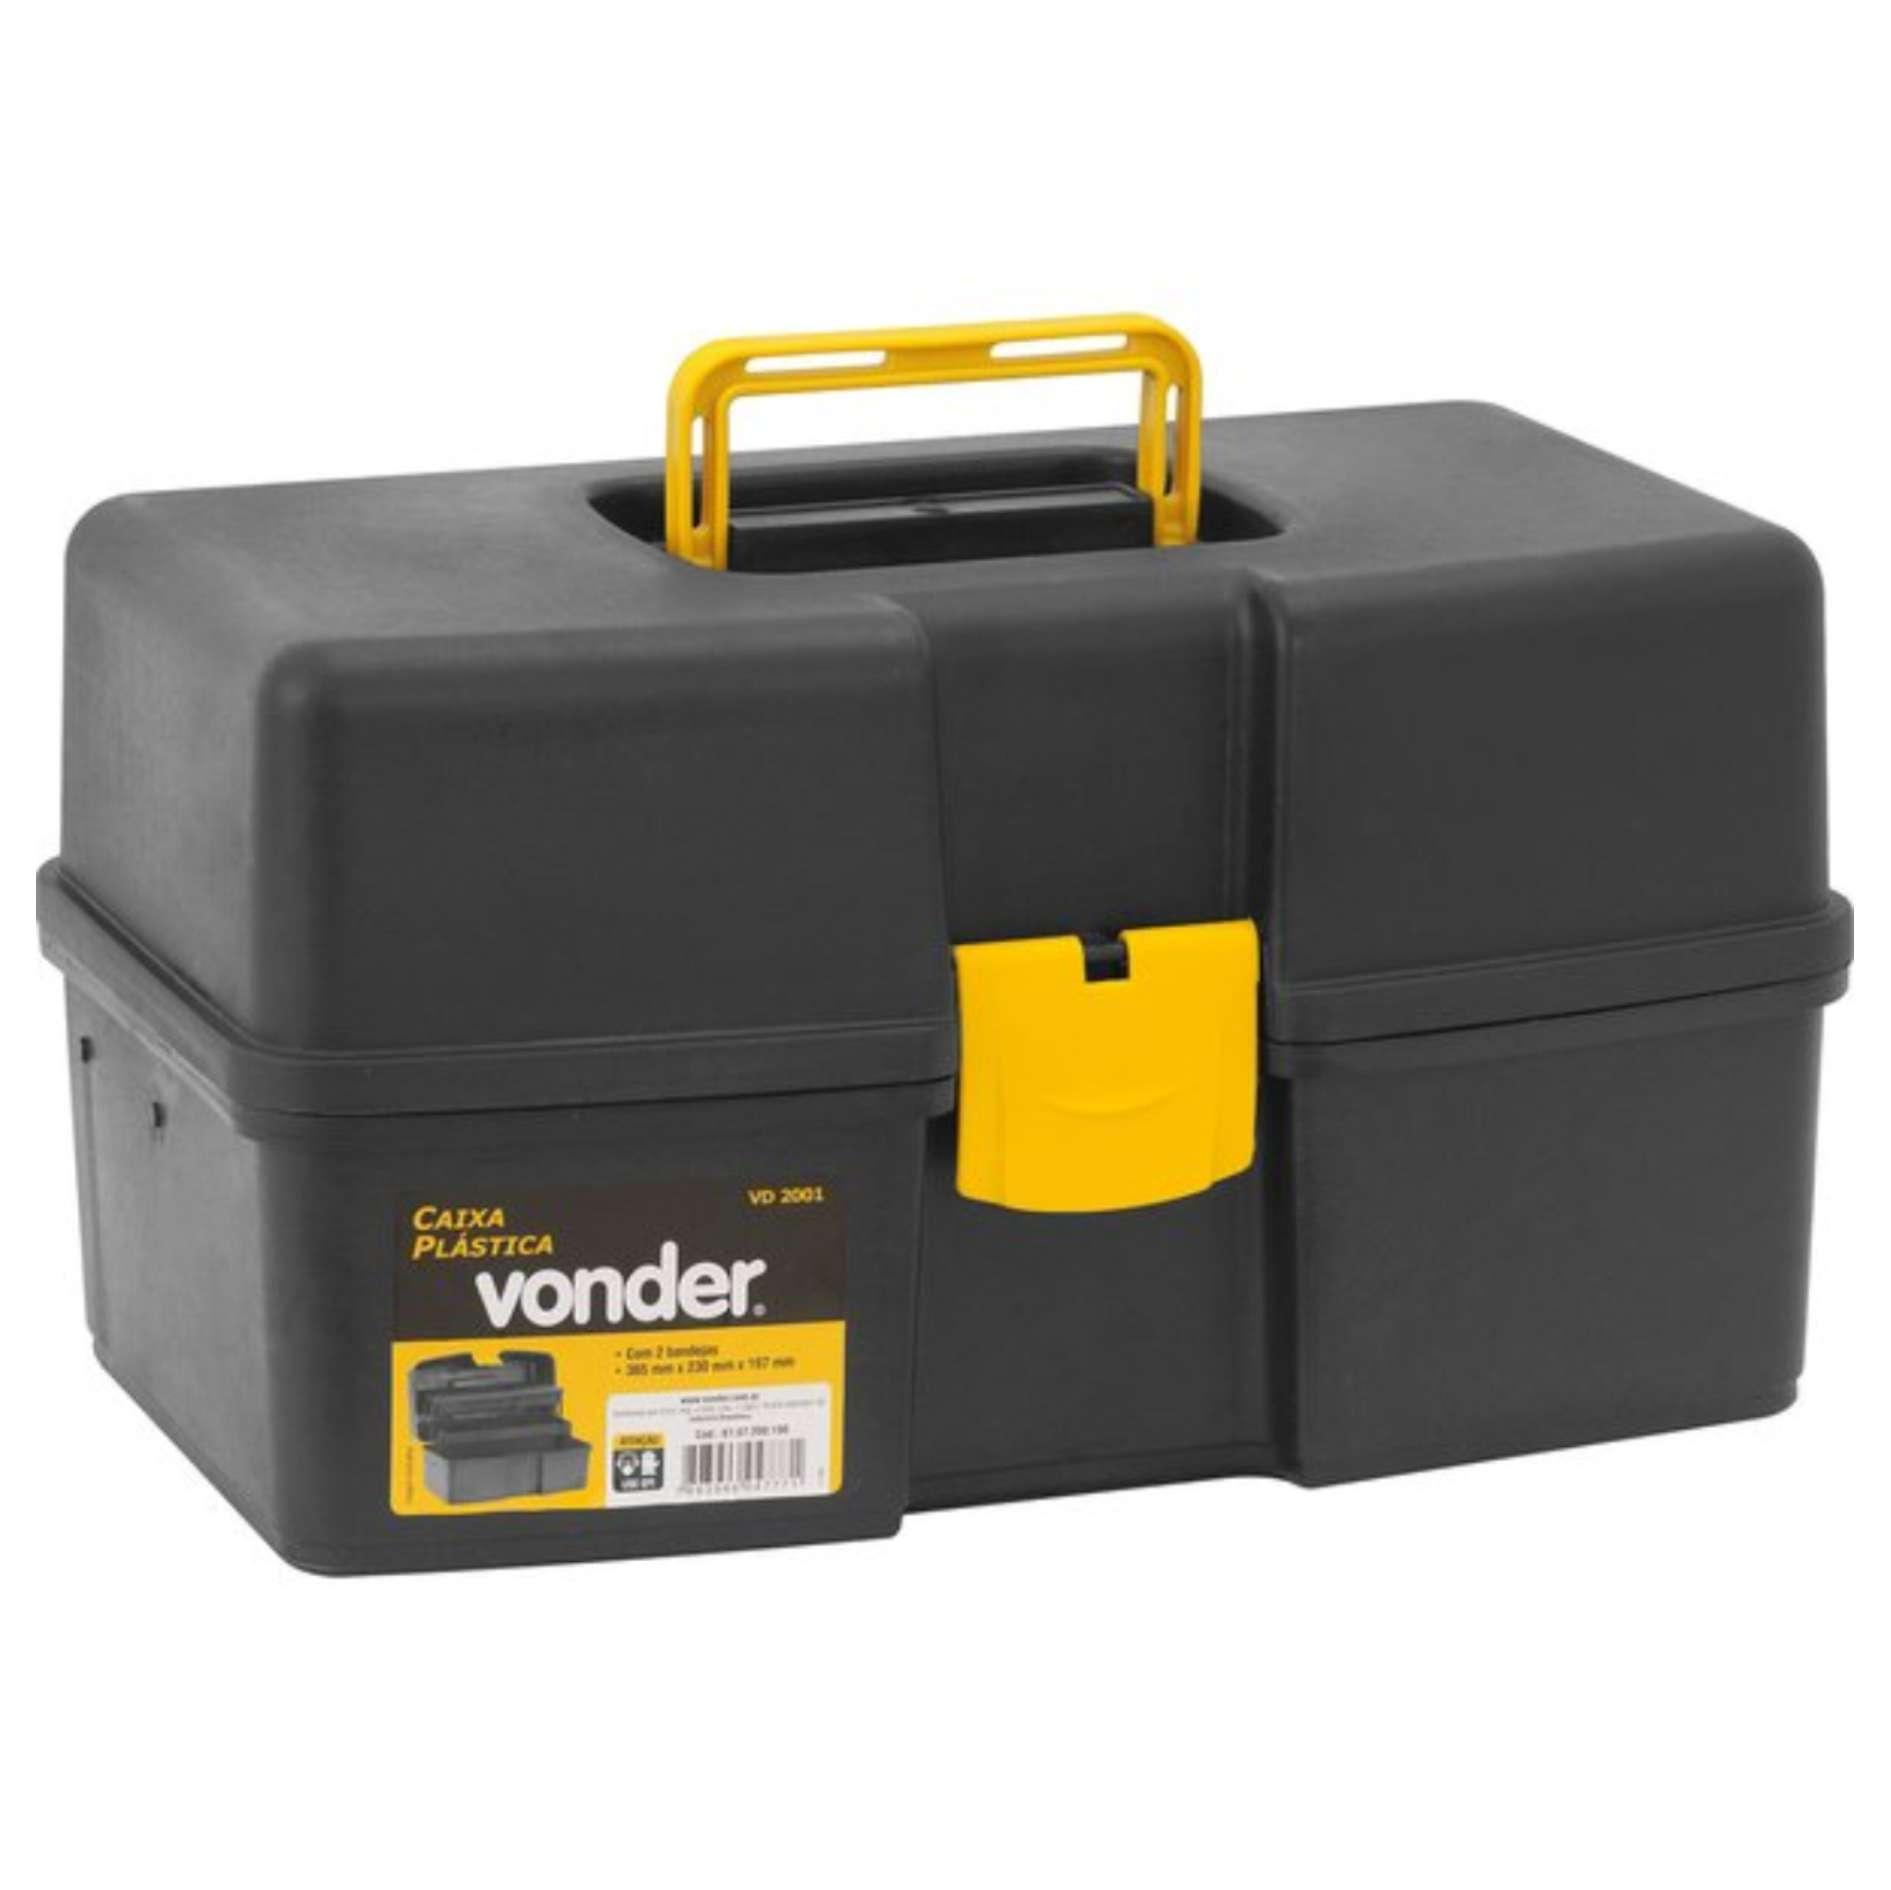 Caixa Plástica / Organizador de Ferramentas Vonder VD 2001 com 2 bandejas